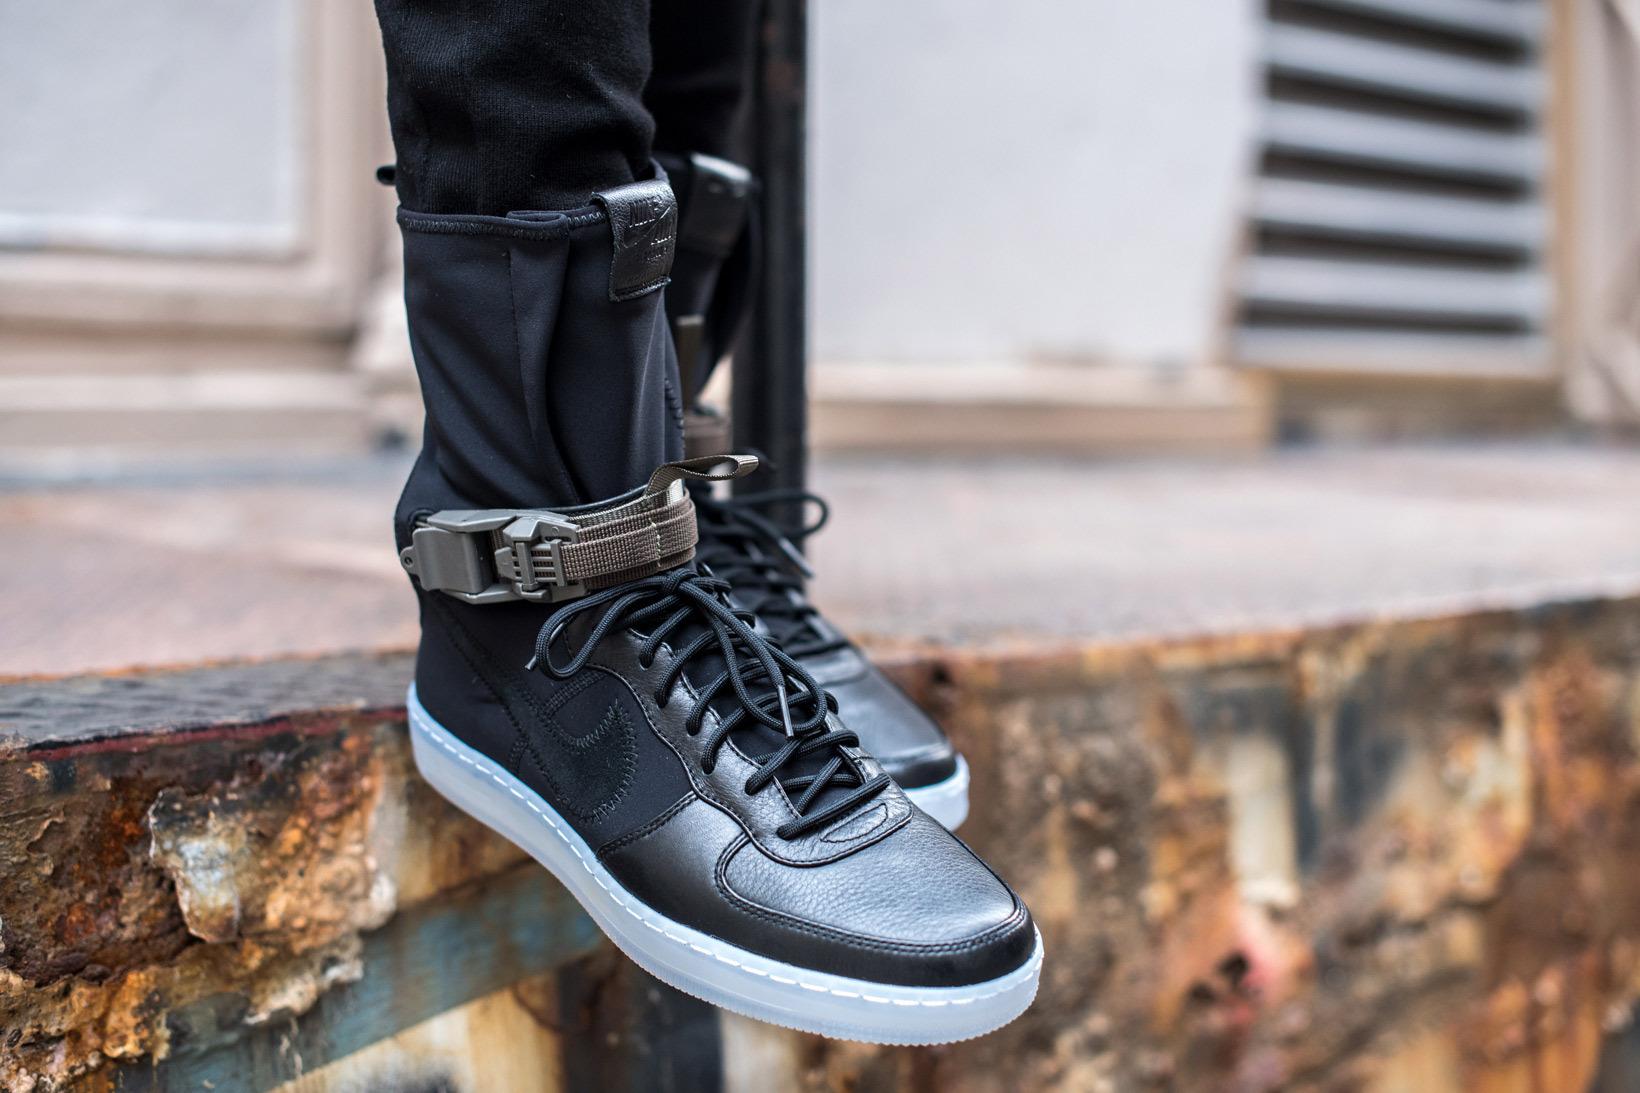 quality design d6fda 21182 Nike AF1 DOWNTOWN HI SP Size 10.5 - Hi-Top Sneakers for Sale